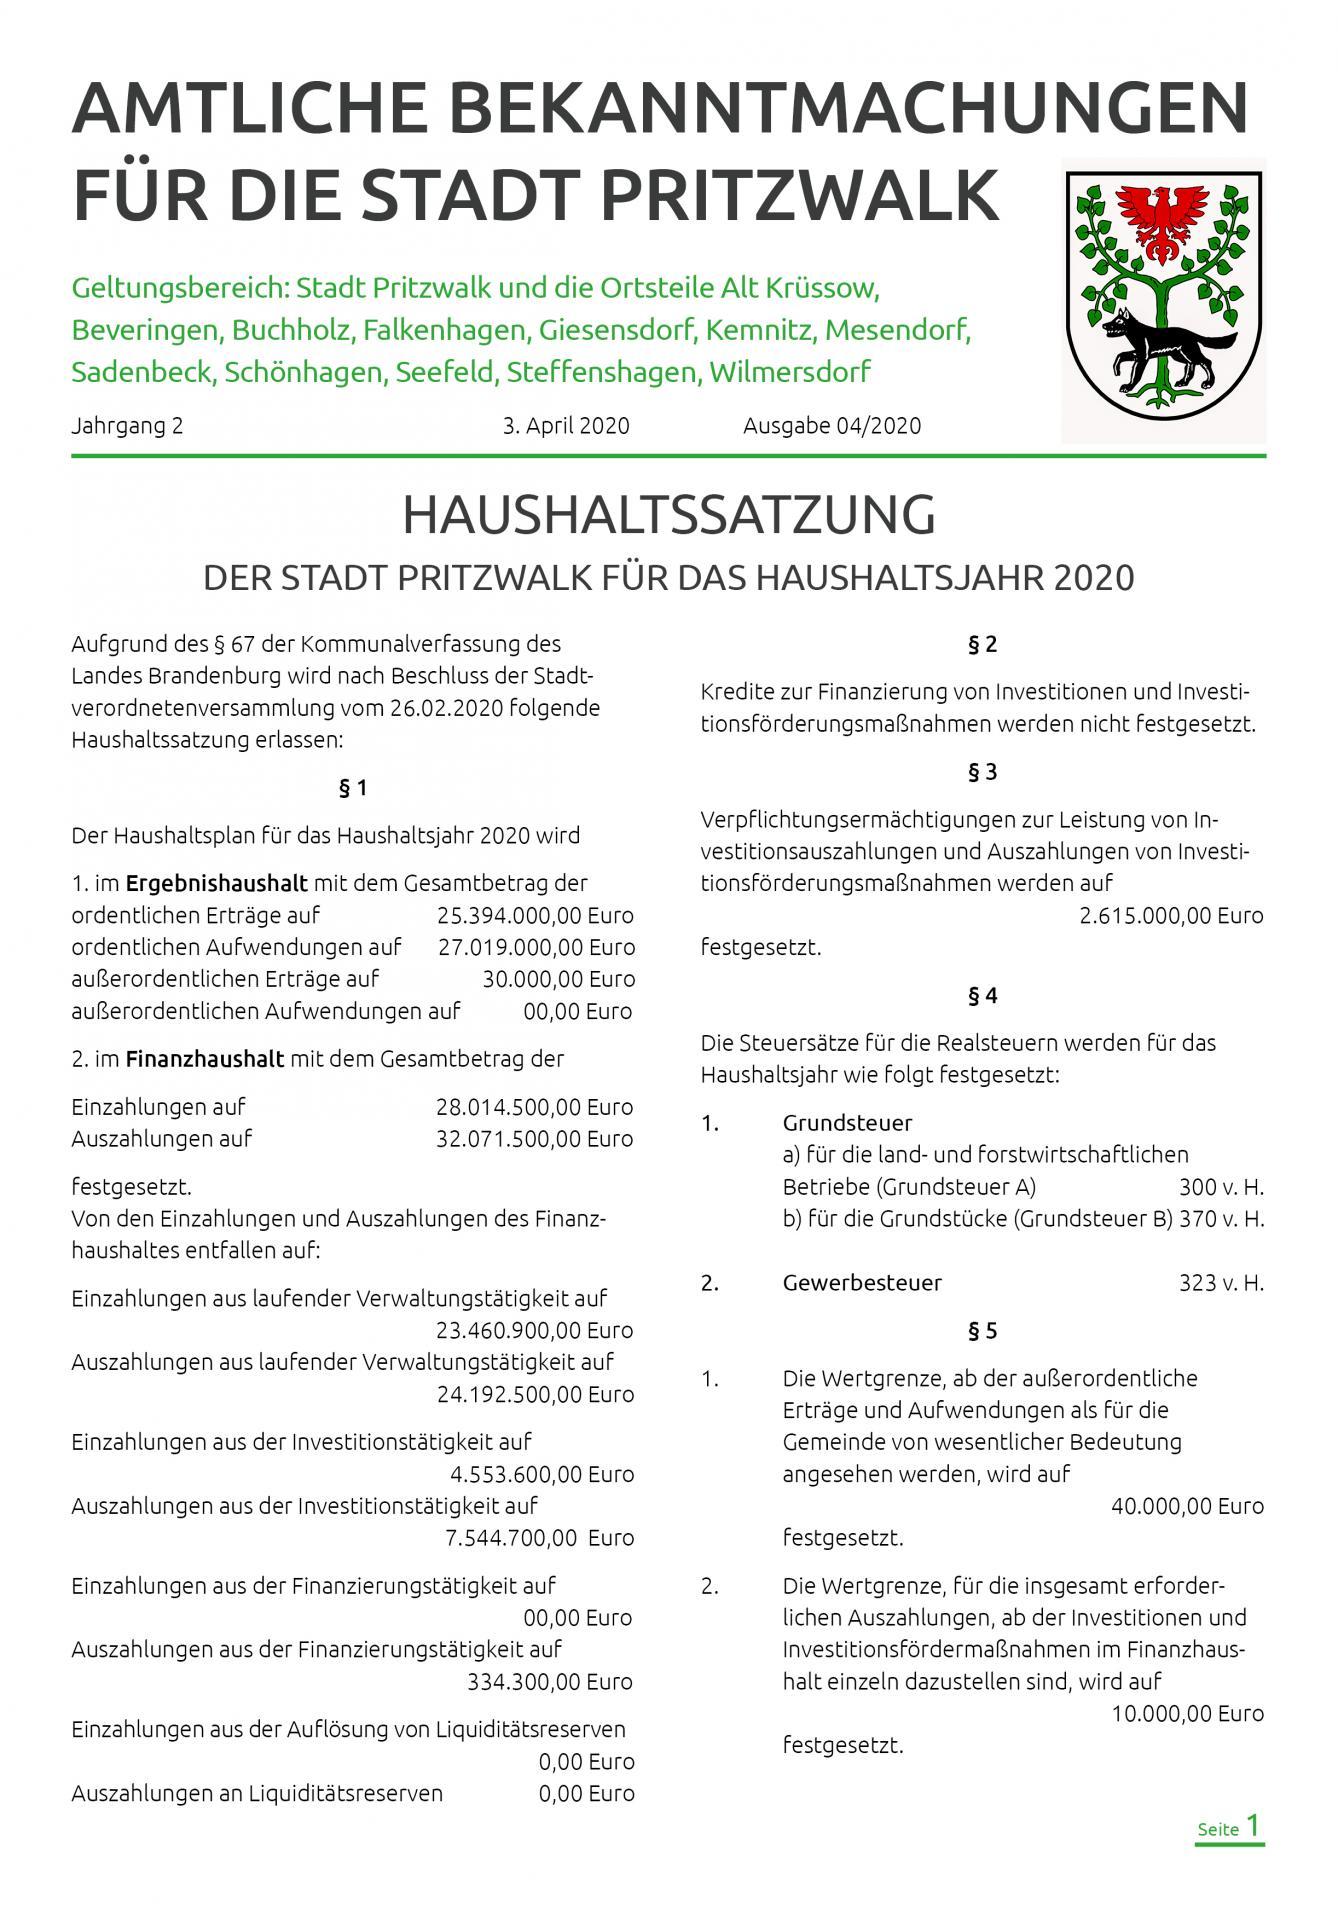 Bekanntmchung-Heft-4-2020-Titel